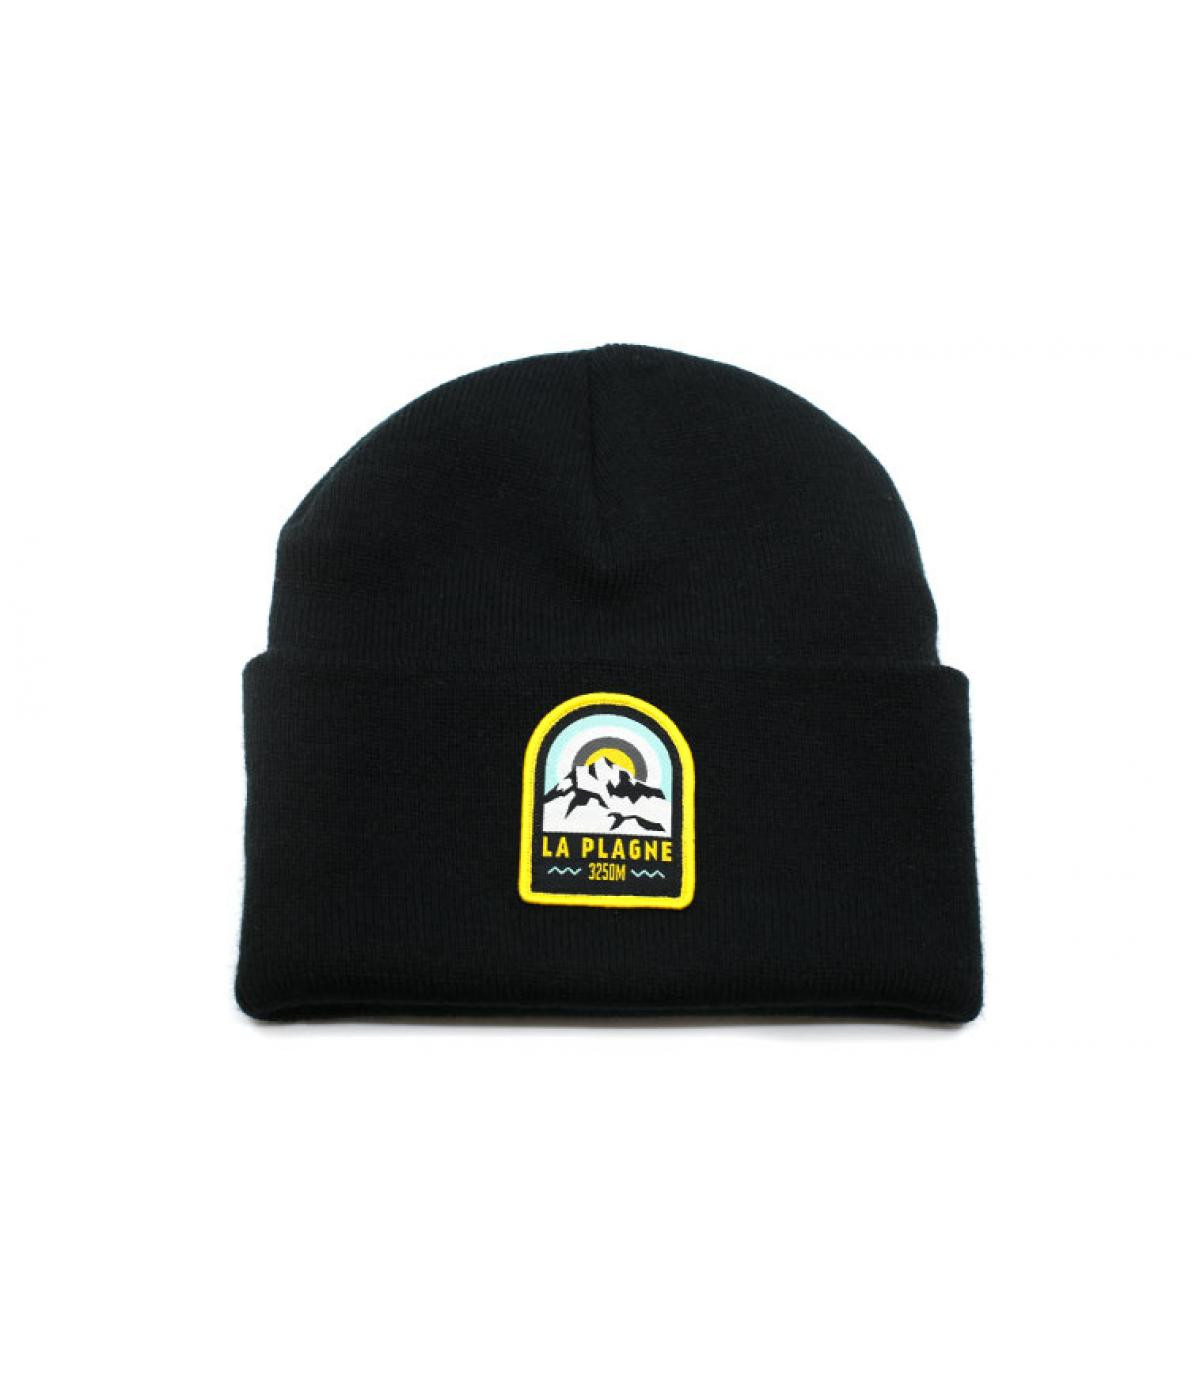 bonnet La Plagne noir